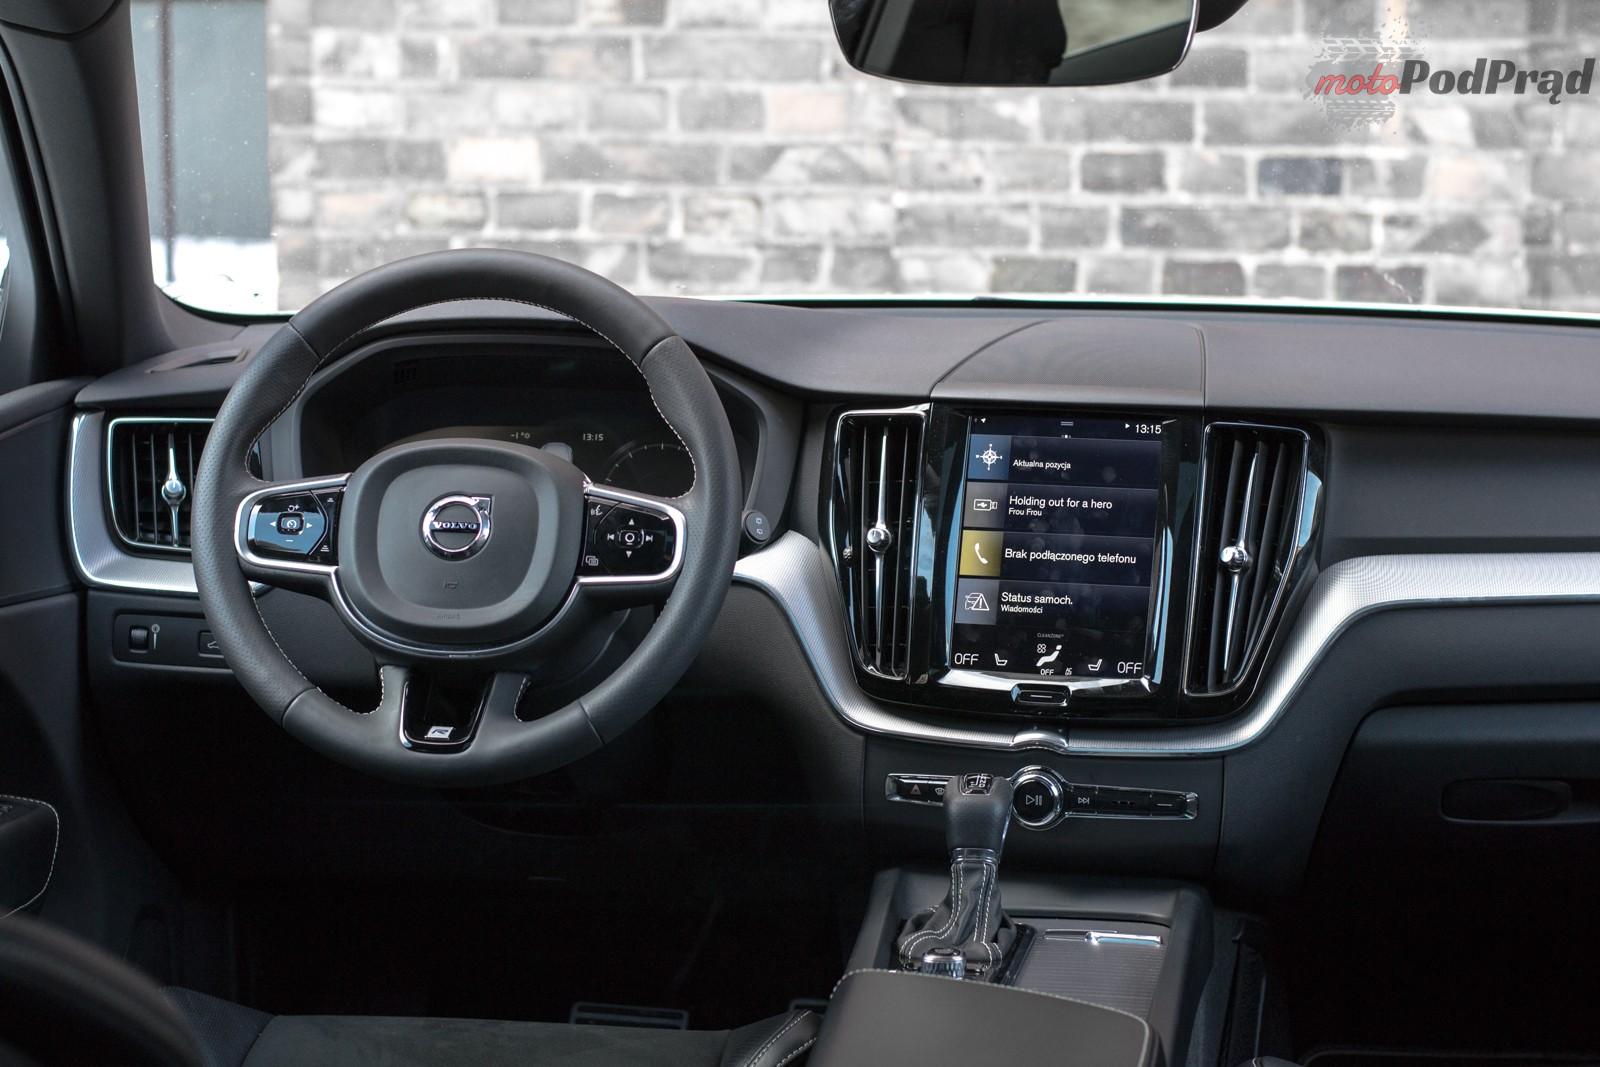 DSC 0115 Test: Volvo XC60 T6 AWD R Design   rozdwojenie jaźni